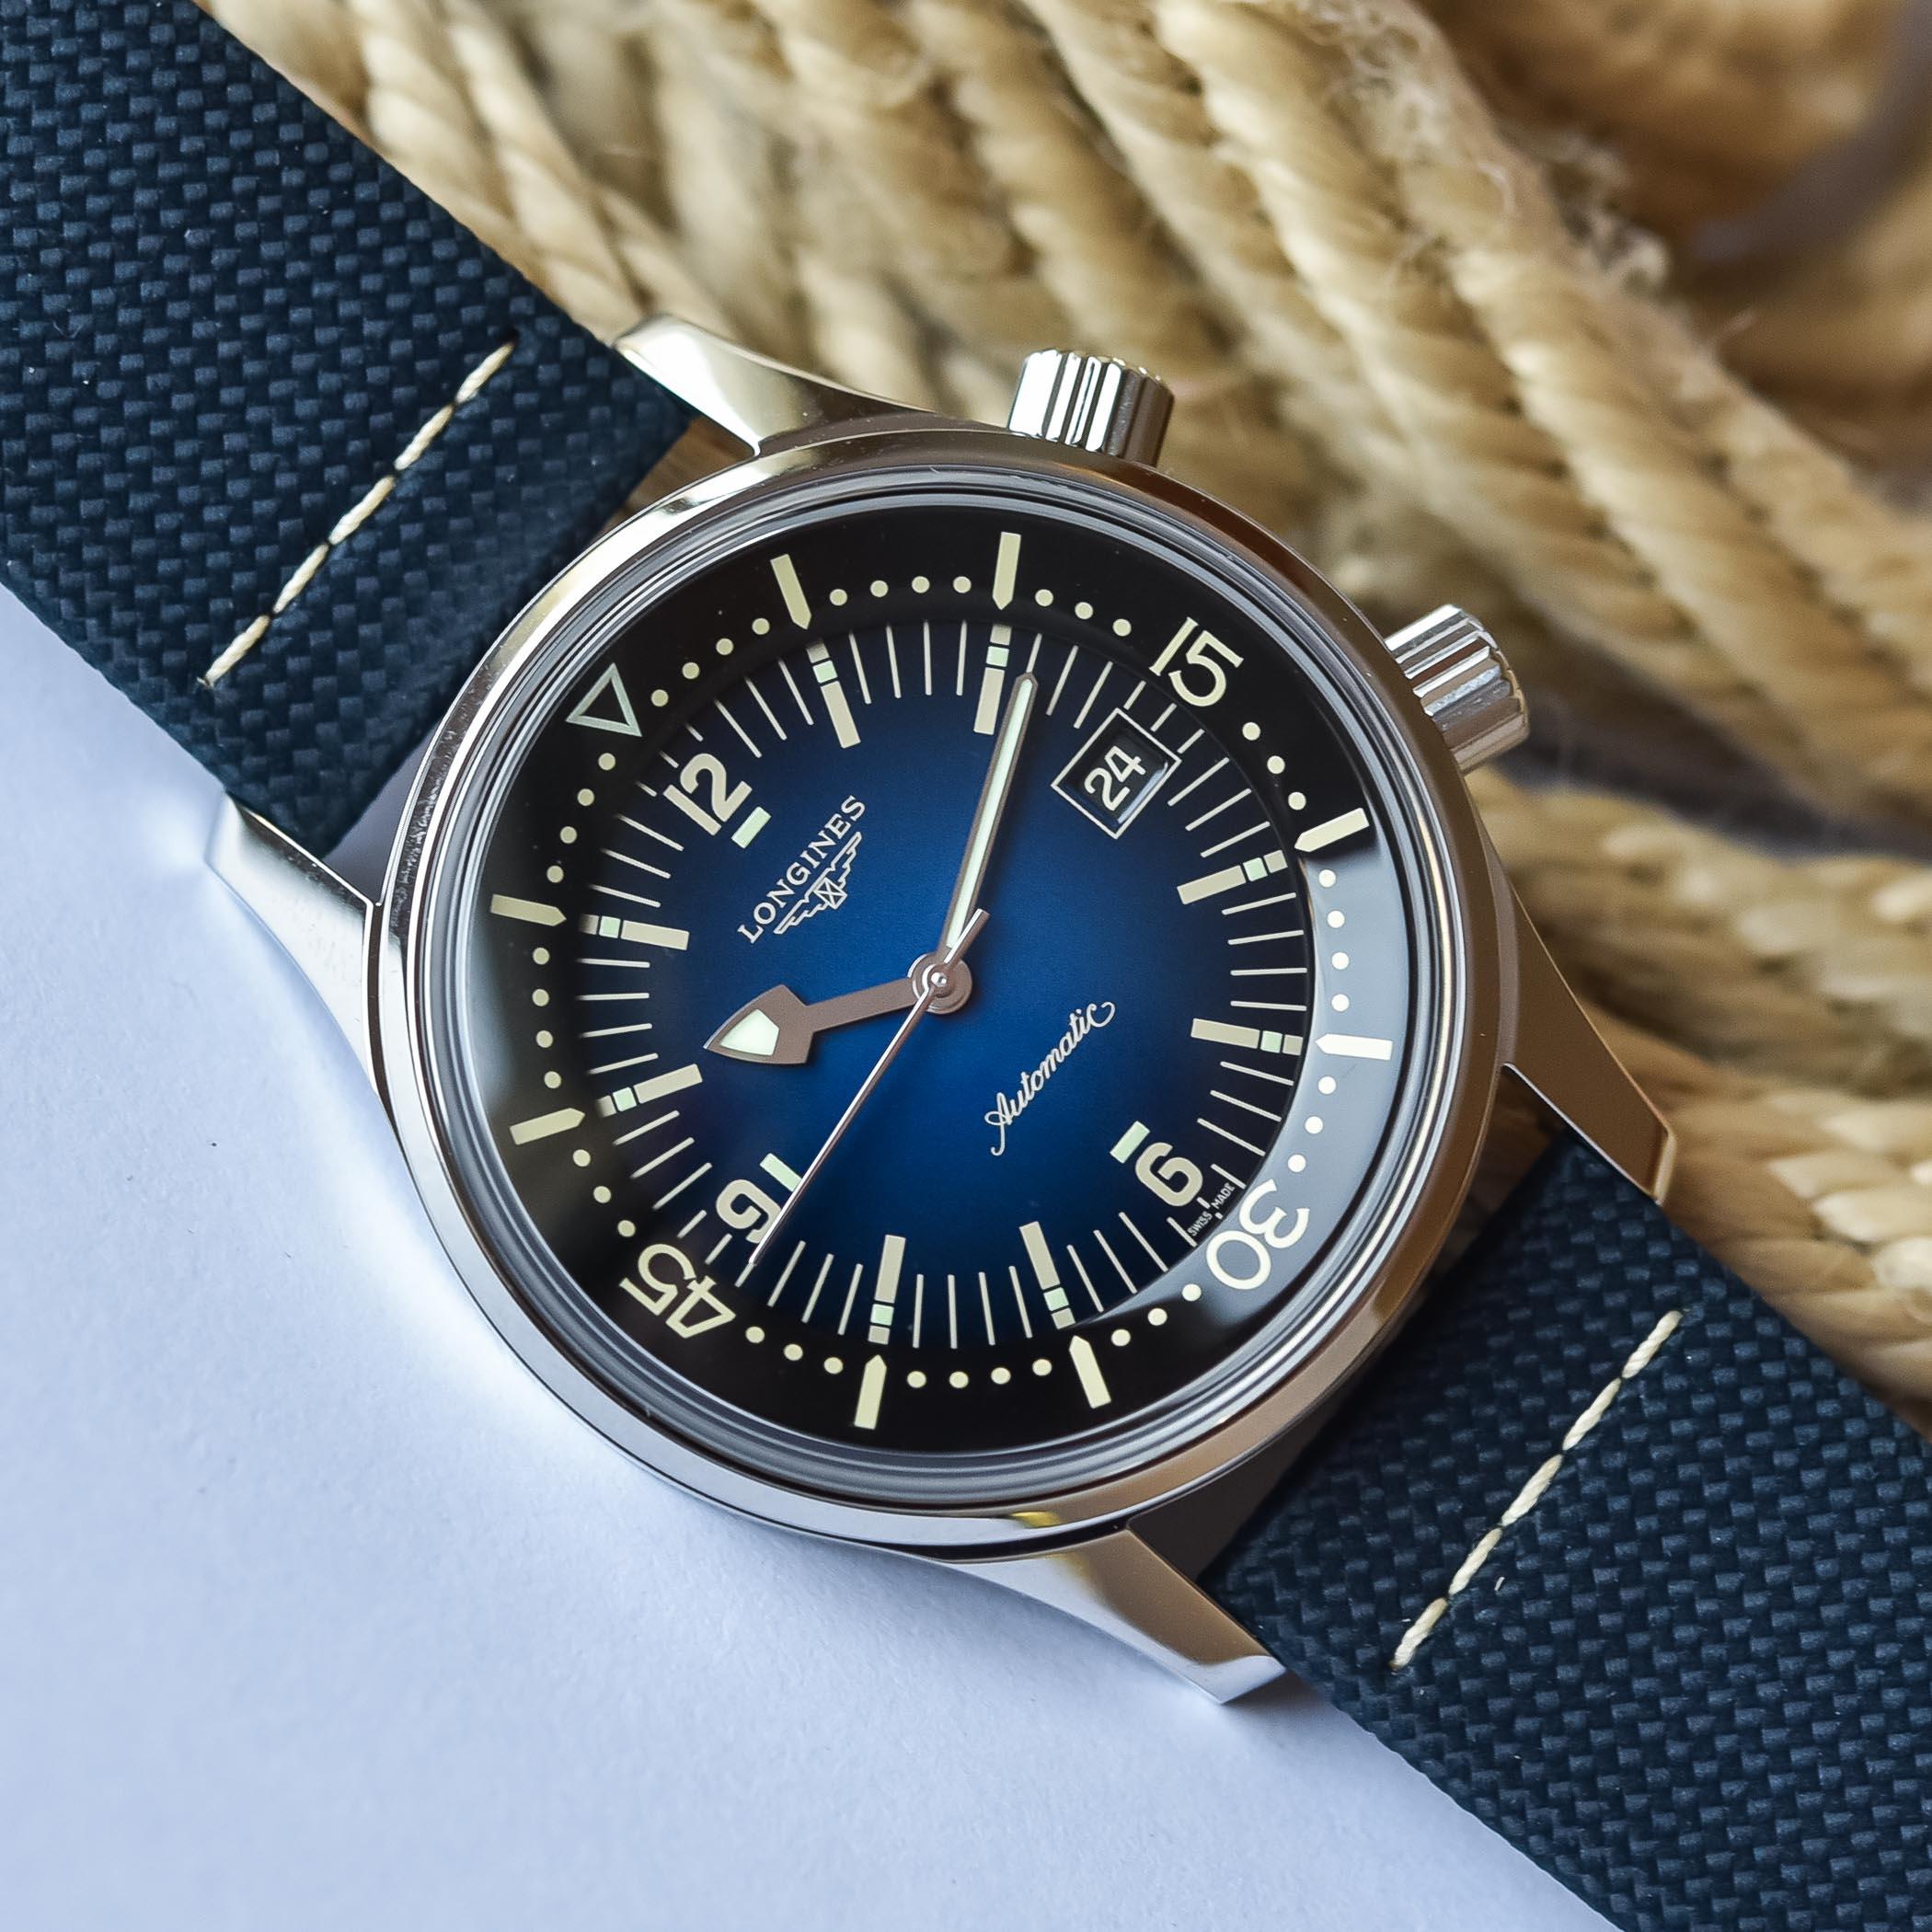 2021 Longines Legend Diver Gradient Blue L3.774.4.90.2 - review - 3